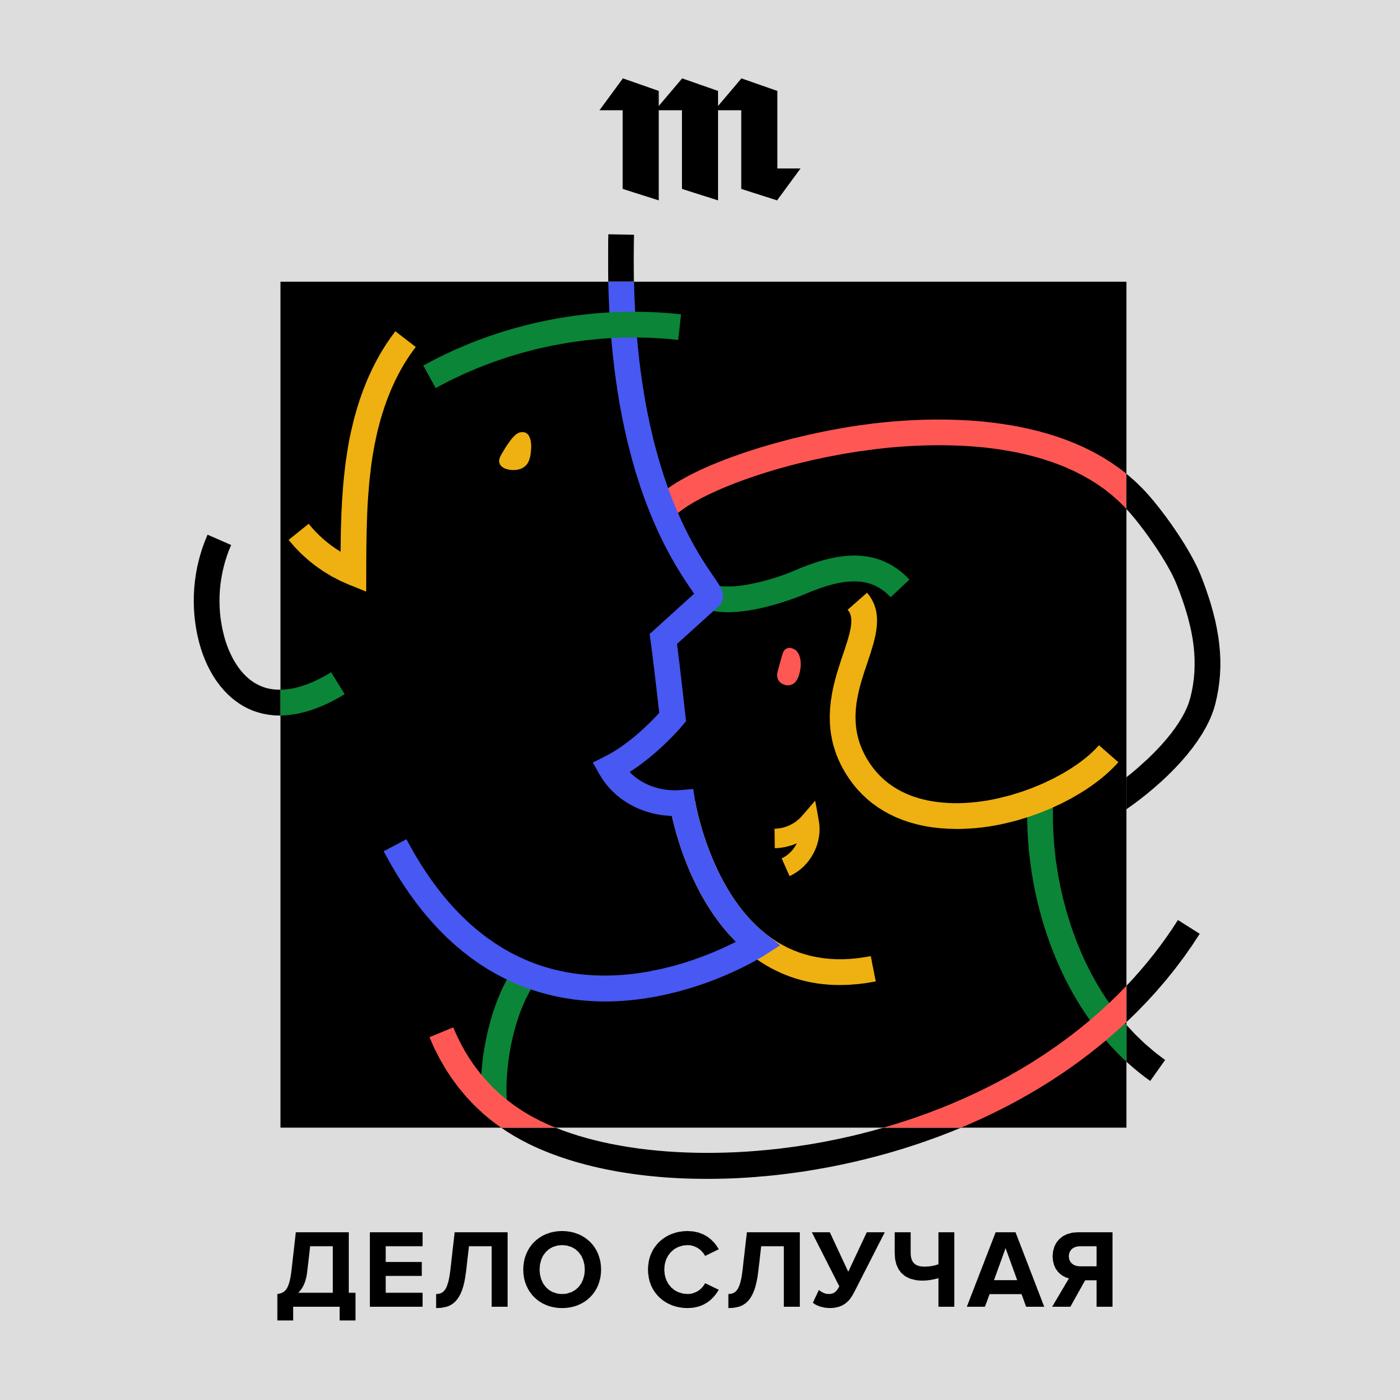 Андрей Бабицкий Почему толерантность бесит? спектакль зачем откуда почему